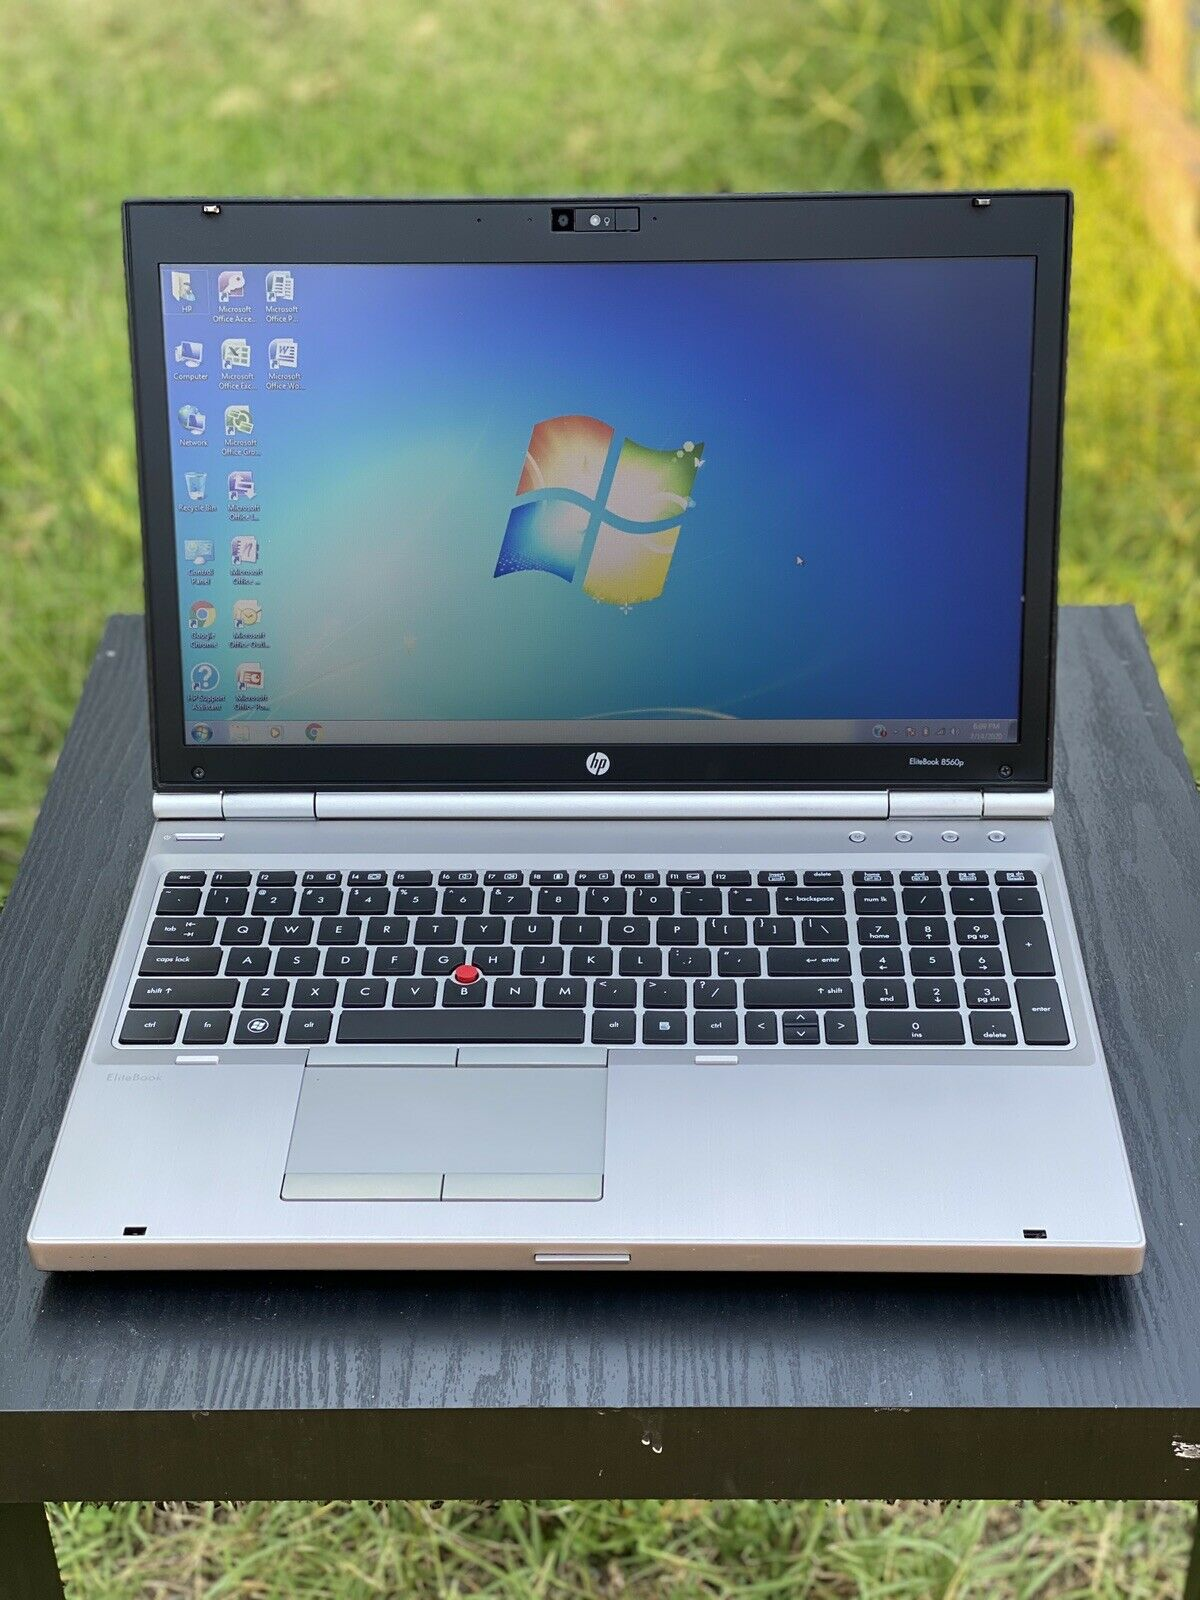 Laptop Windows - HP ProBoook Laptop With Microsoft Office Core i5 8GB RAM 500 GB Windows 7 Pro